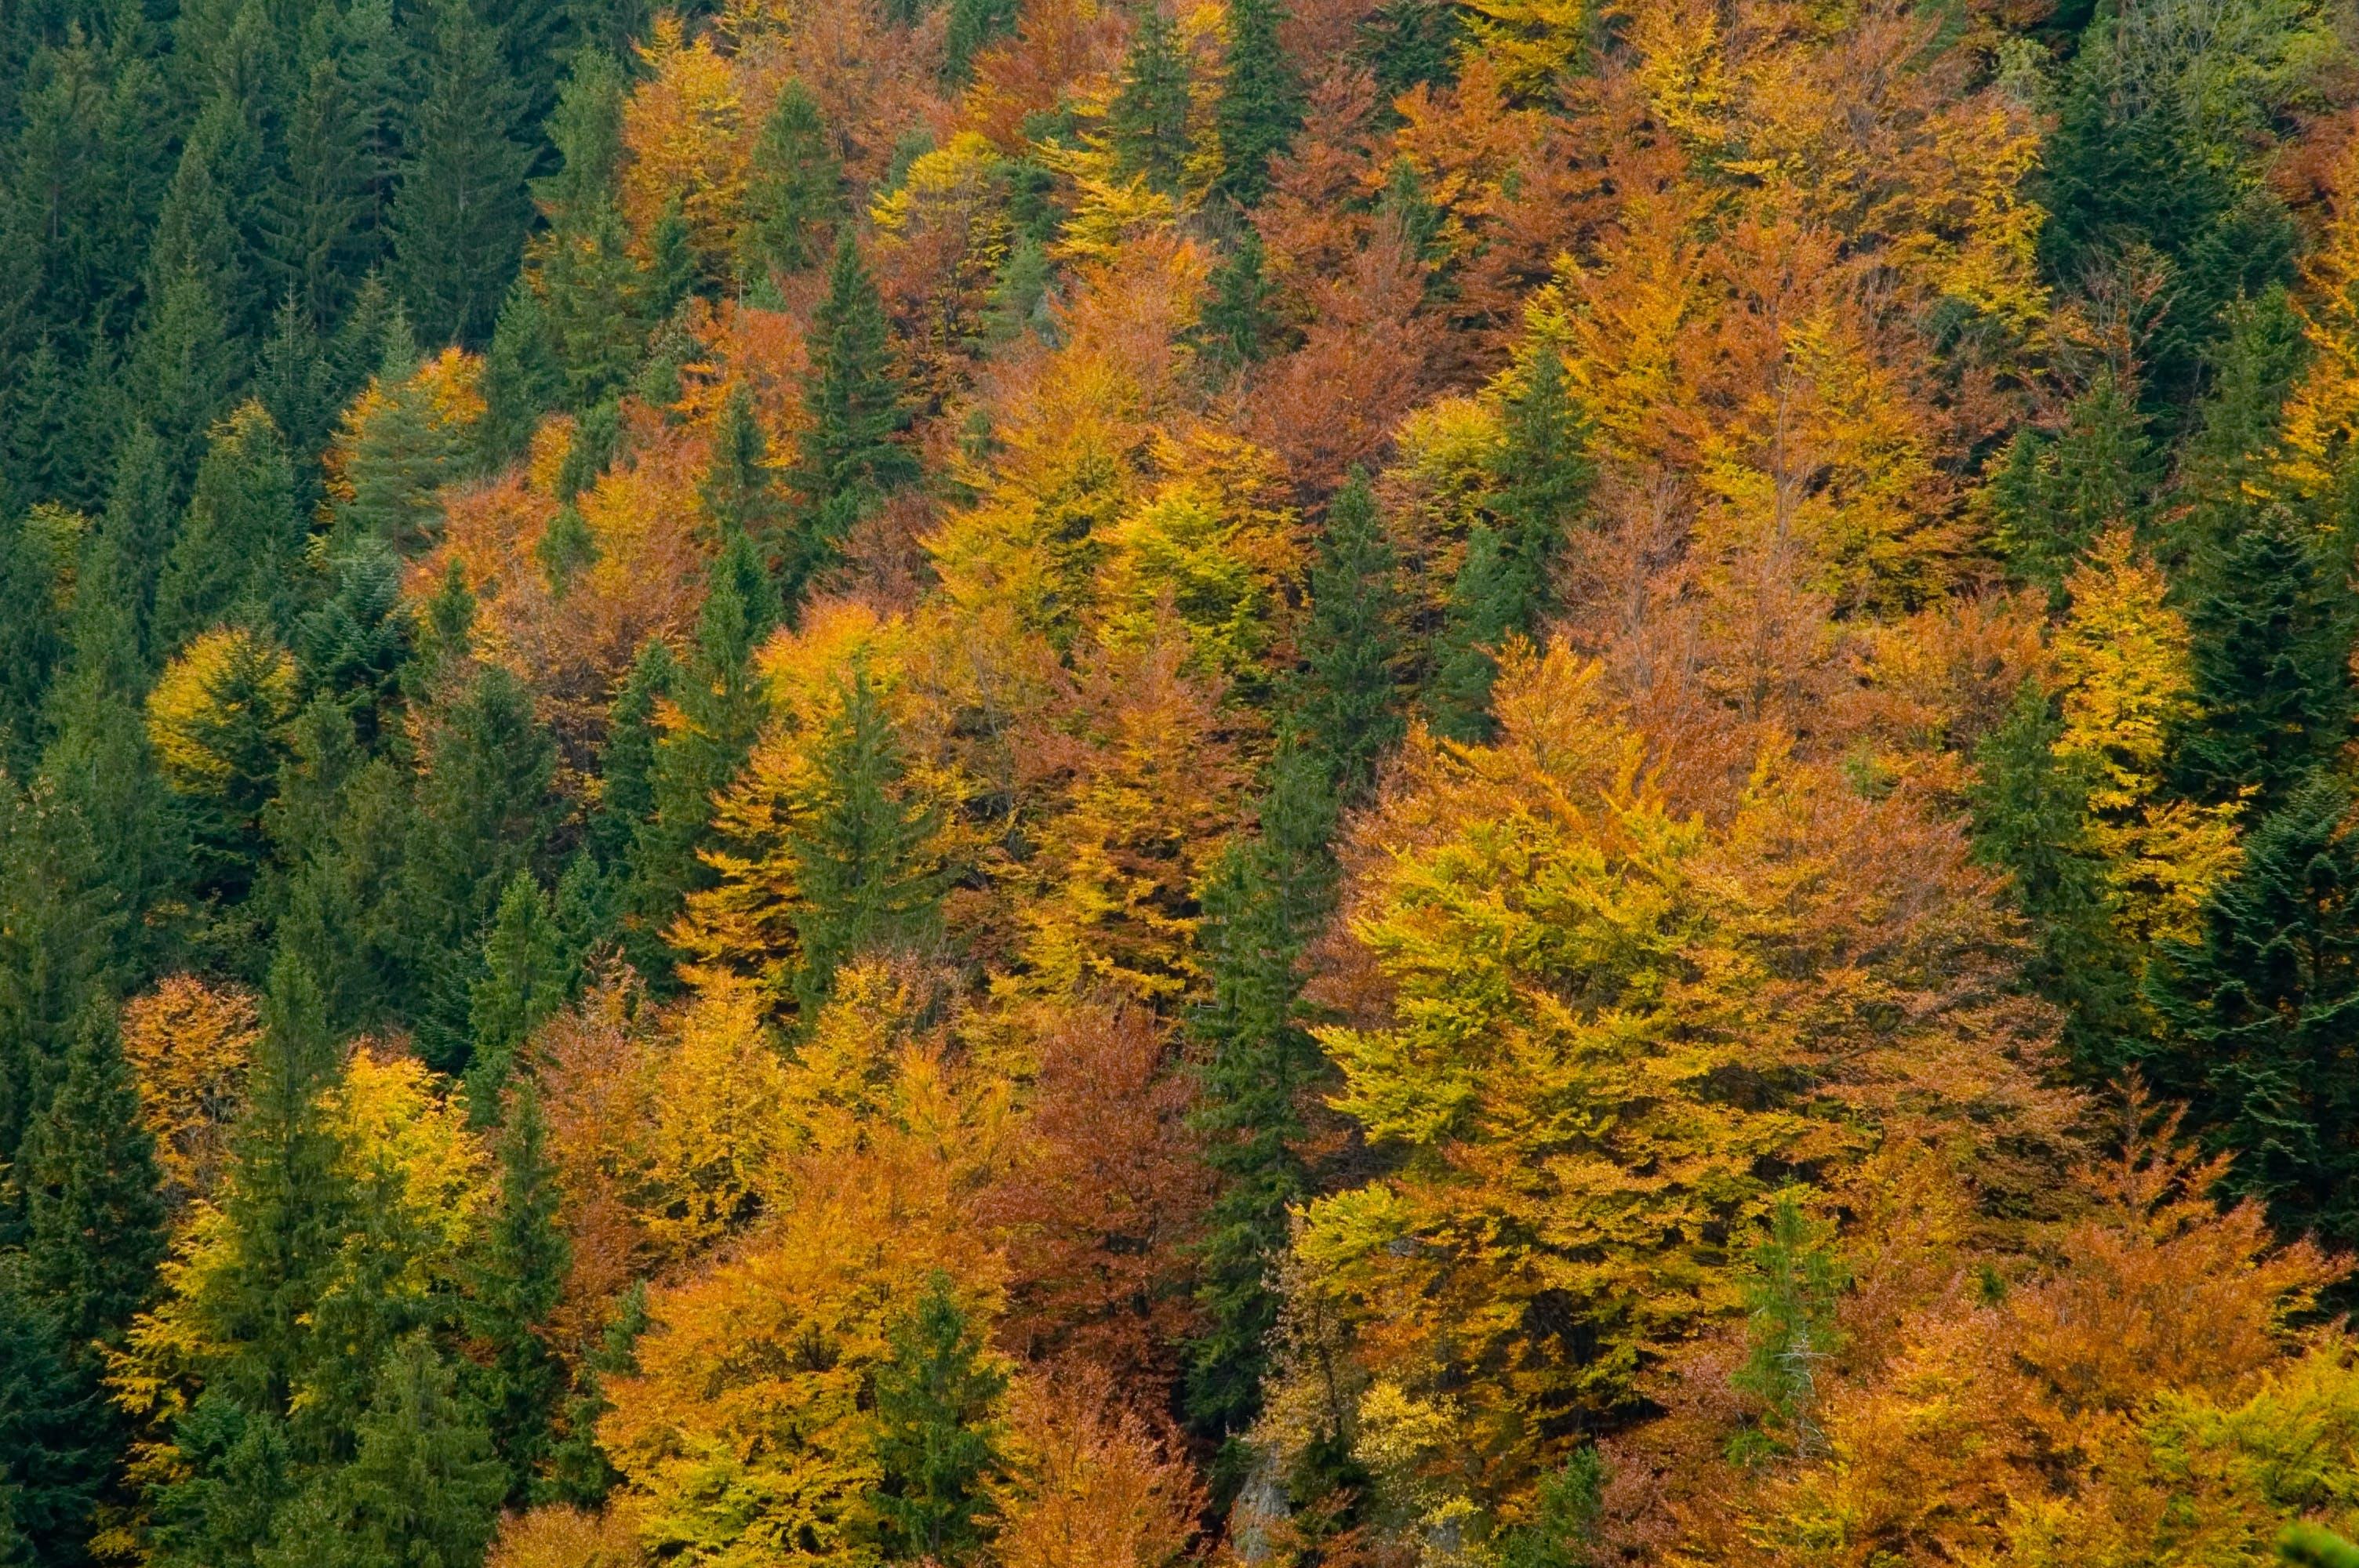 Δωρεάν στοκ φωτογραφιών με γραφικός, δέντρα, εποχή, κωνοφόρο